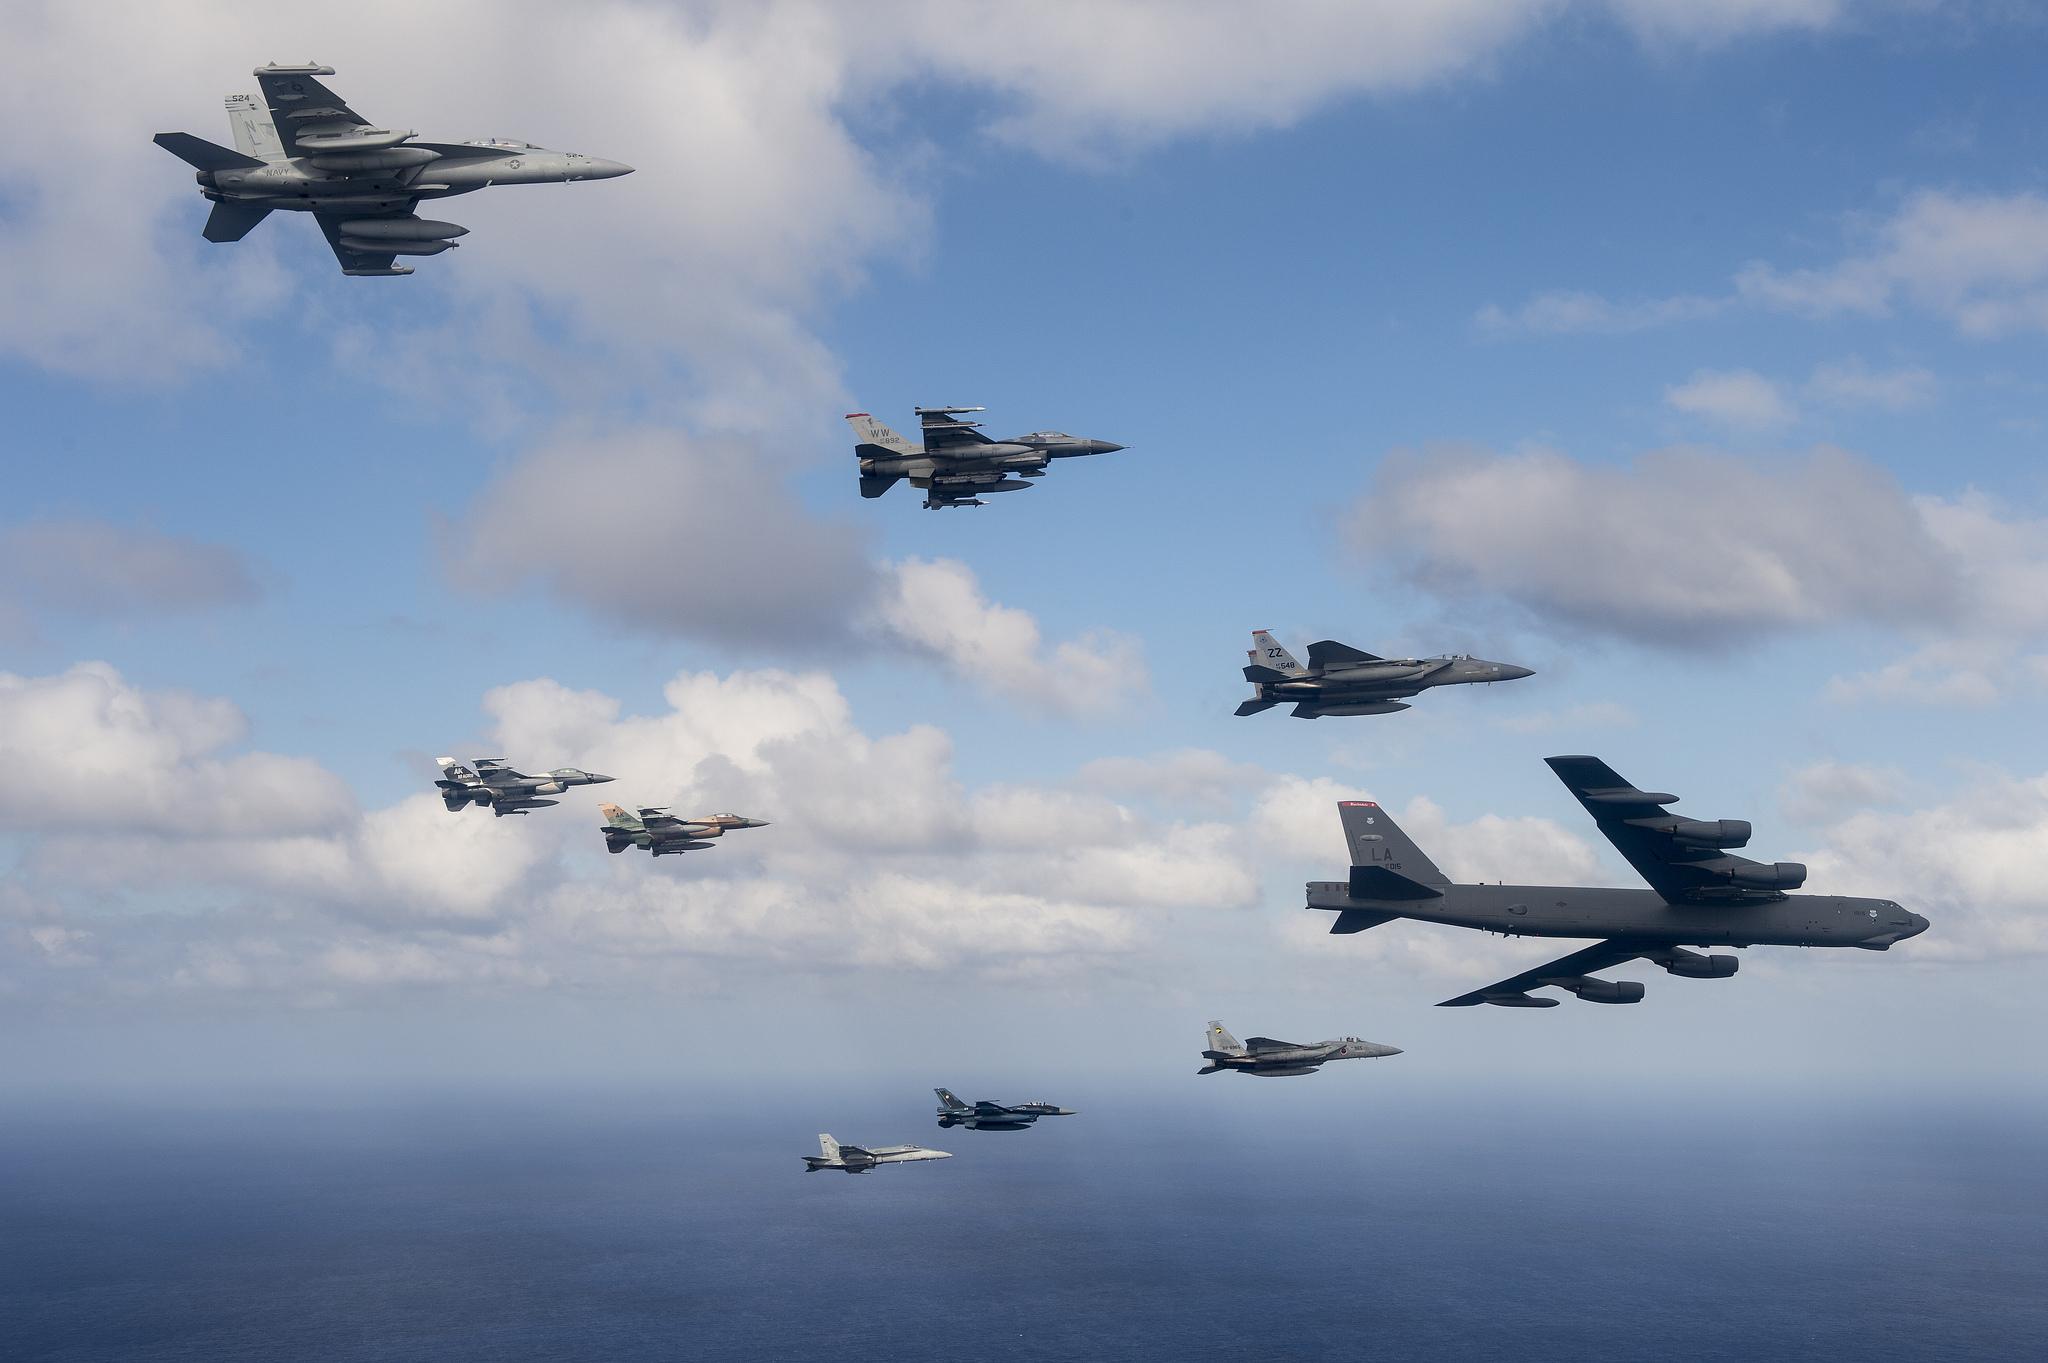 можно попросить картинки с самолетами в небе военный позволяет